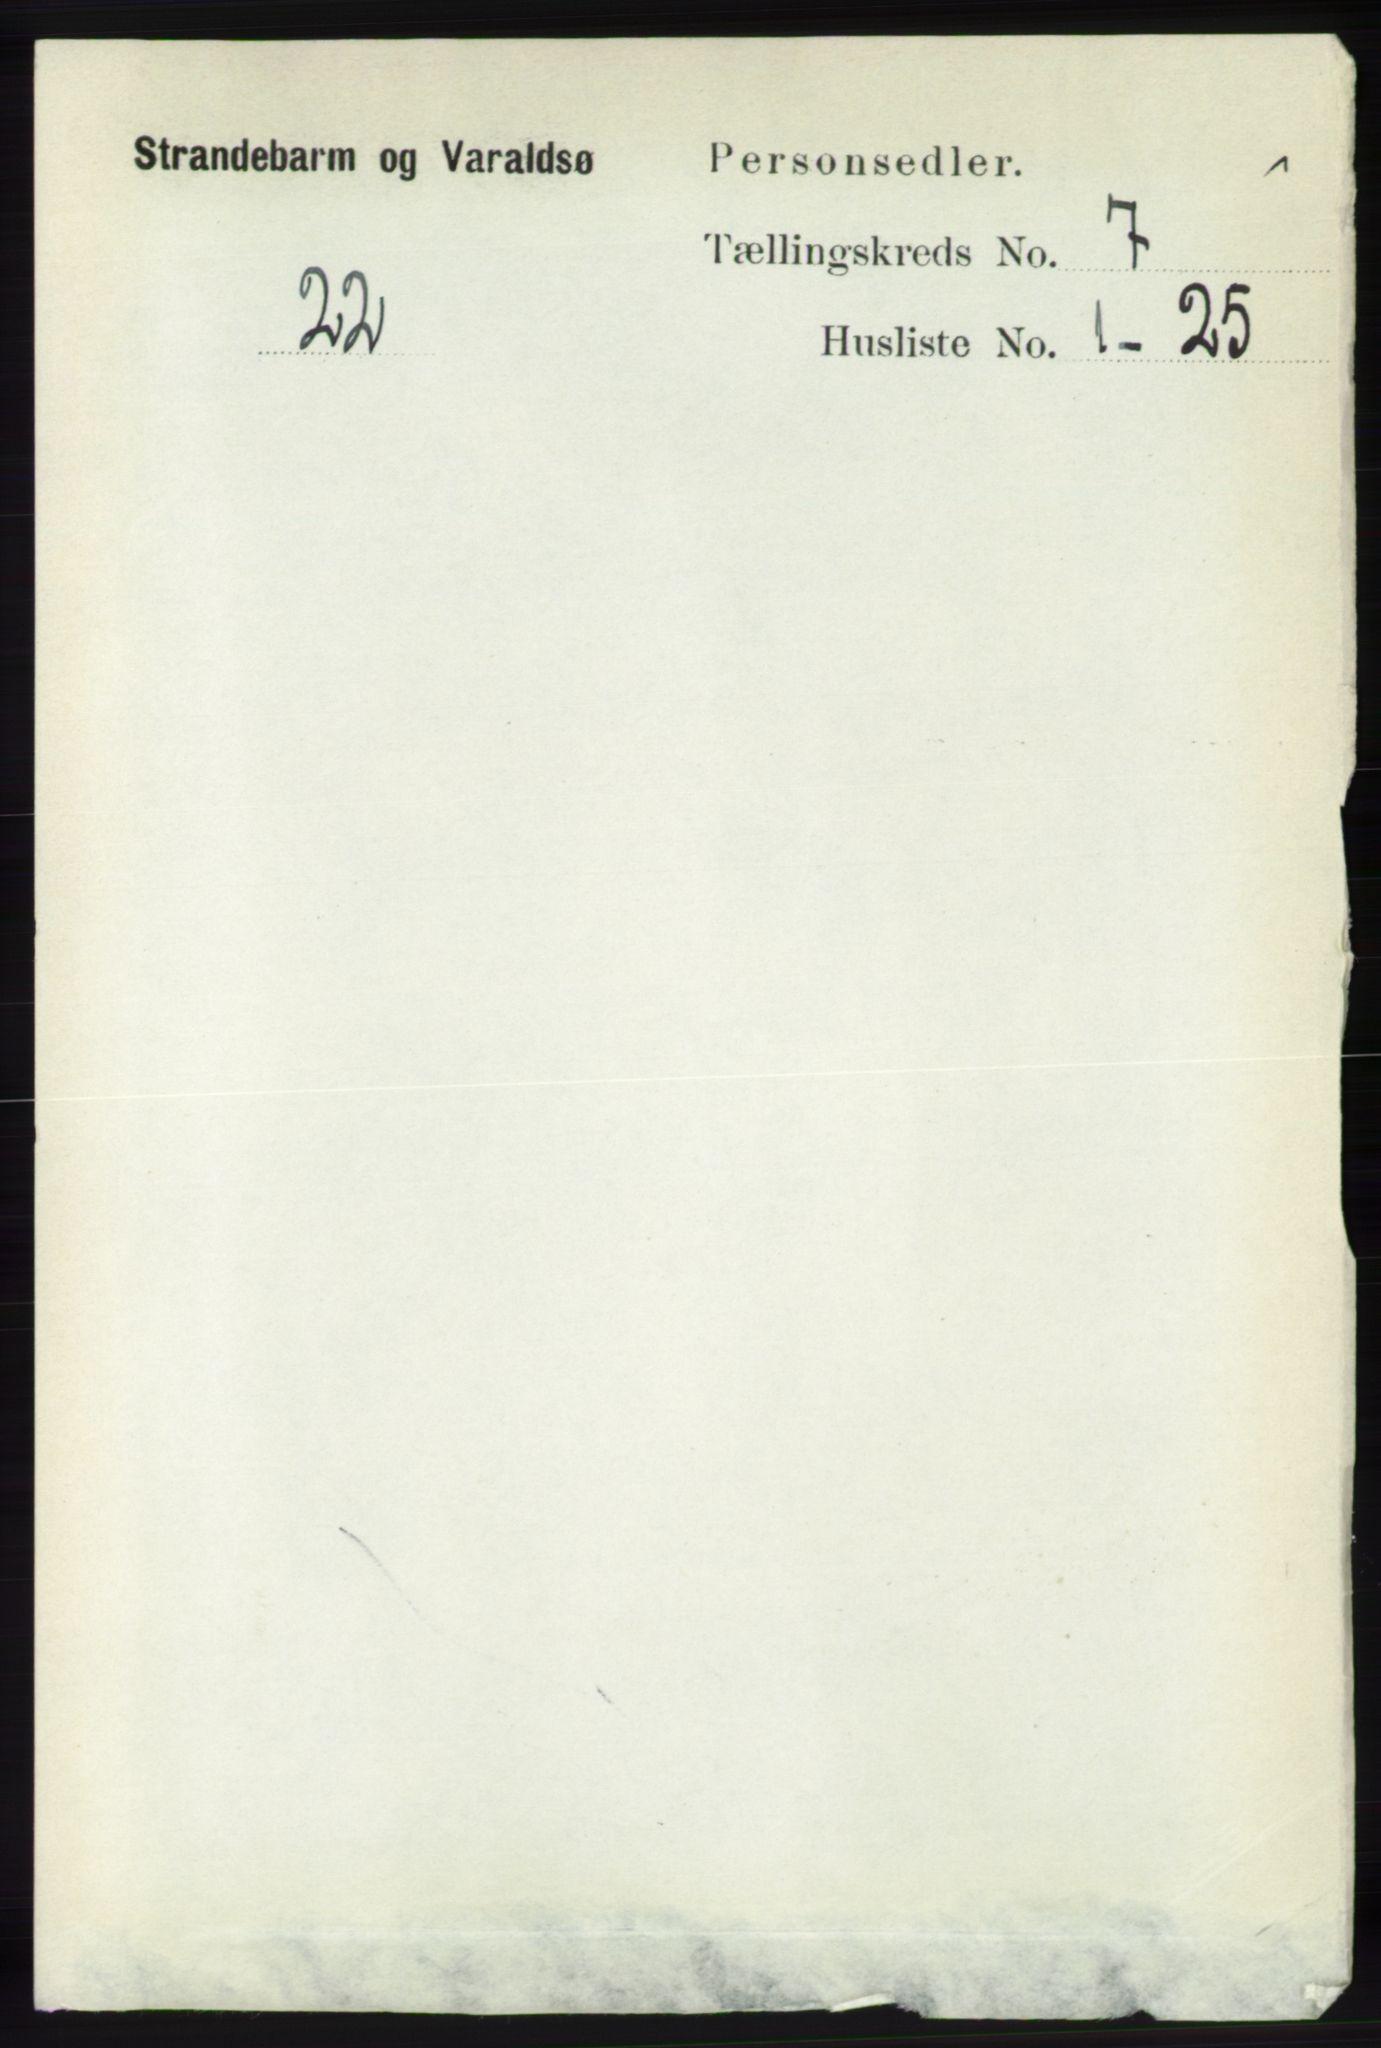 RA, Folketelling 1891 for 1226 Strandebarm og Varaldsøy herred, 1891, s. 2635